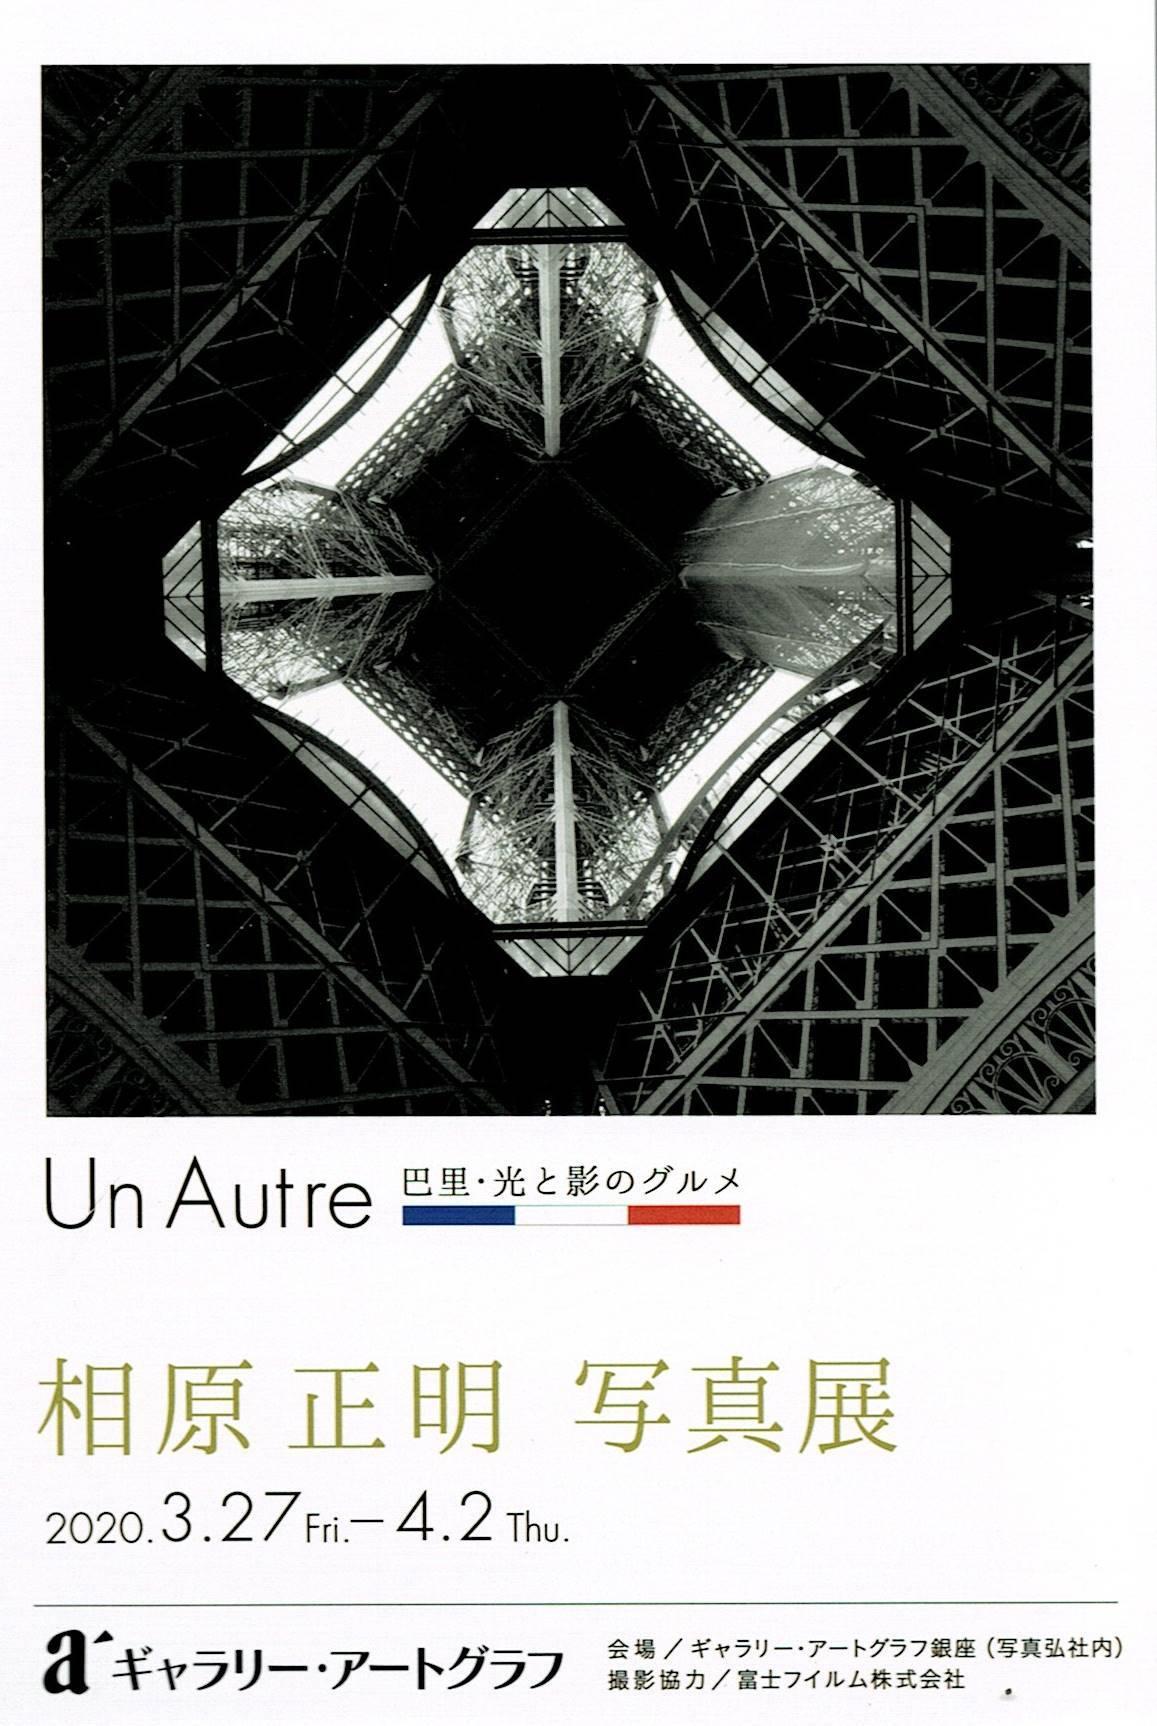 相原正明 パリの写真展 Un Autre 開催に関して_f0050534_09441241.jpg